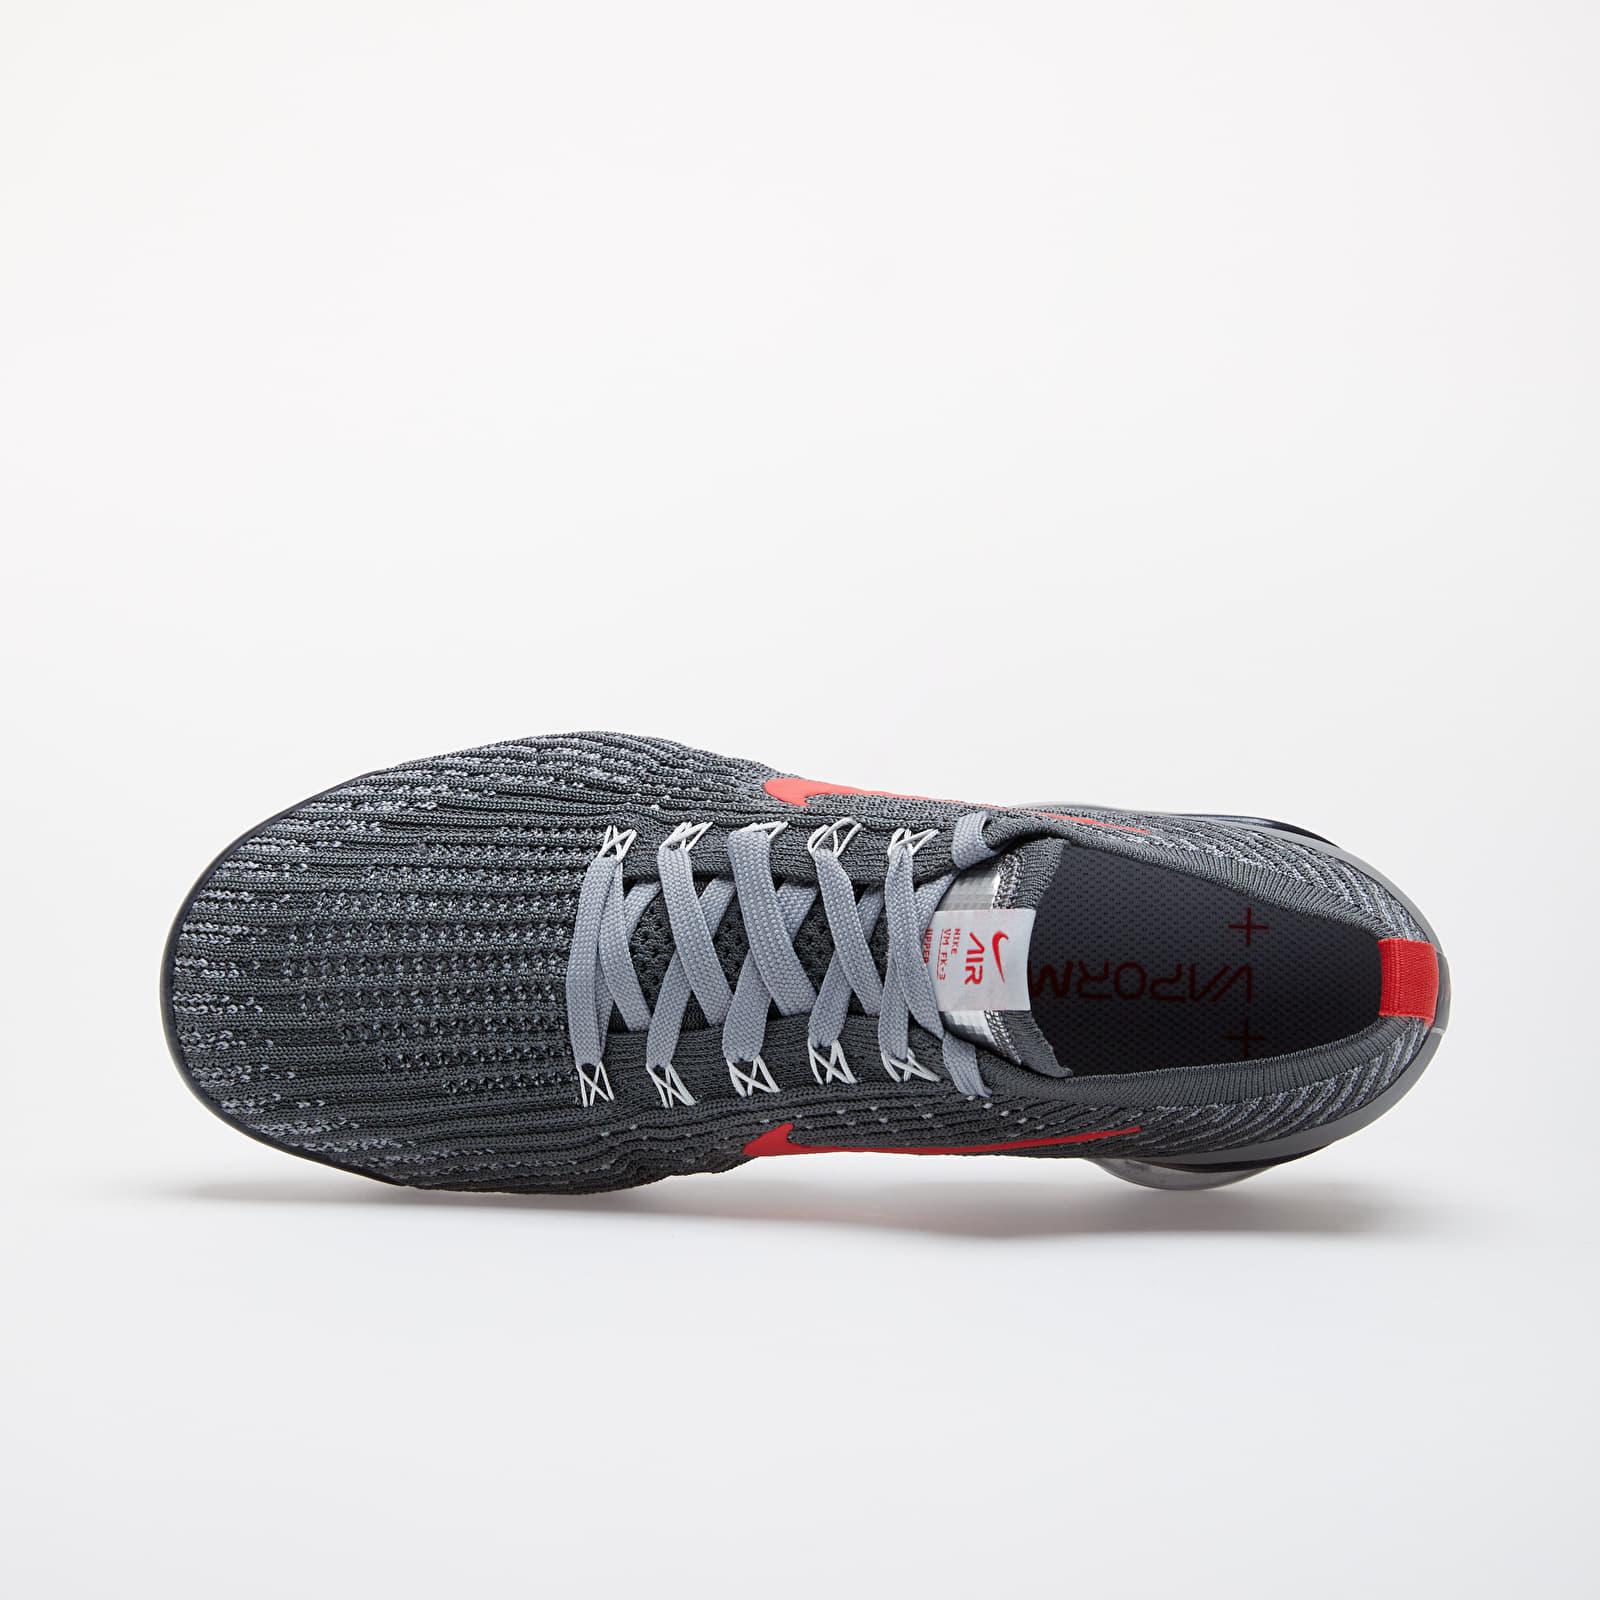 Adición muñeca Definición  Men's shoes Nike Air Vapormax Flyknit 3 Iron Grey/ Track Red-Particle Grey  | Footshop